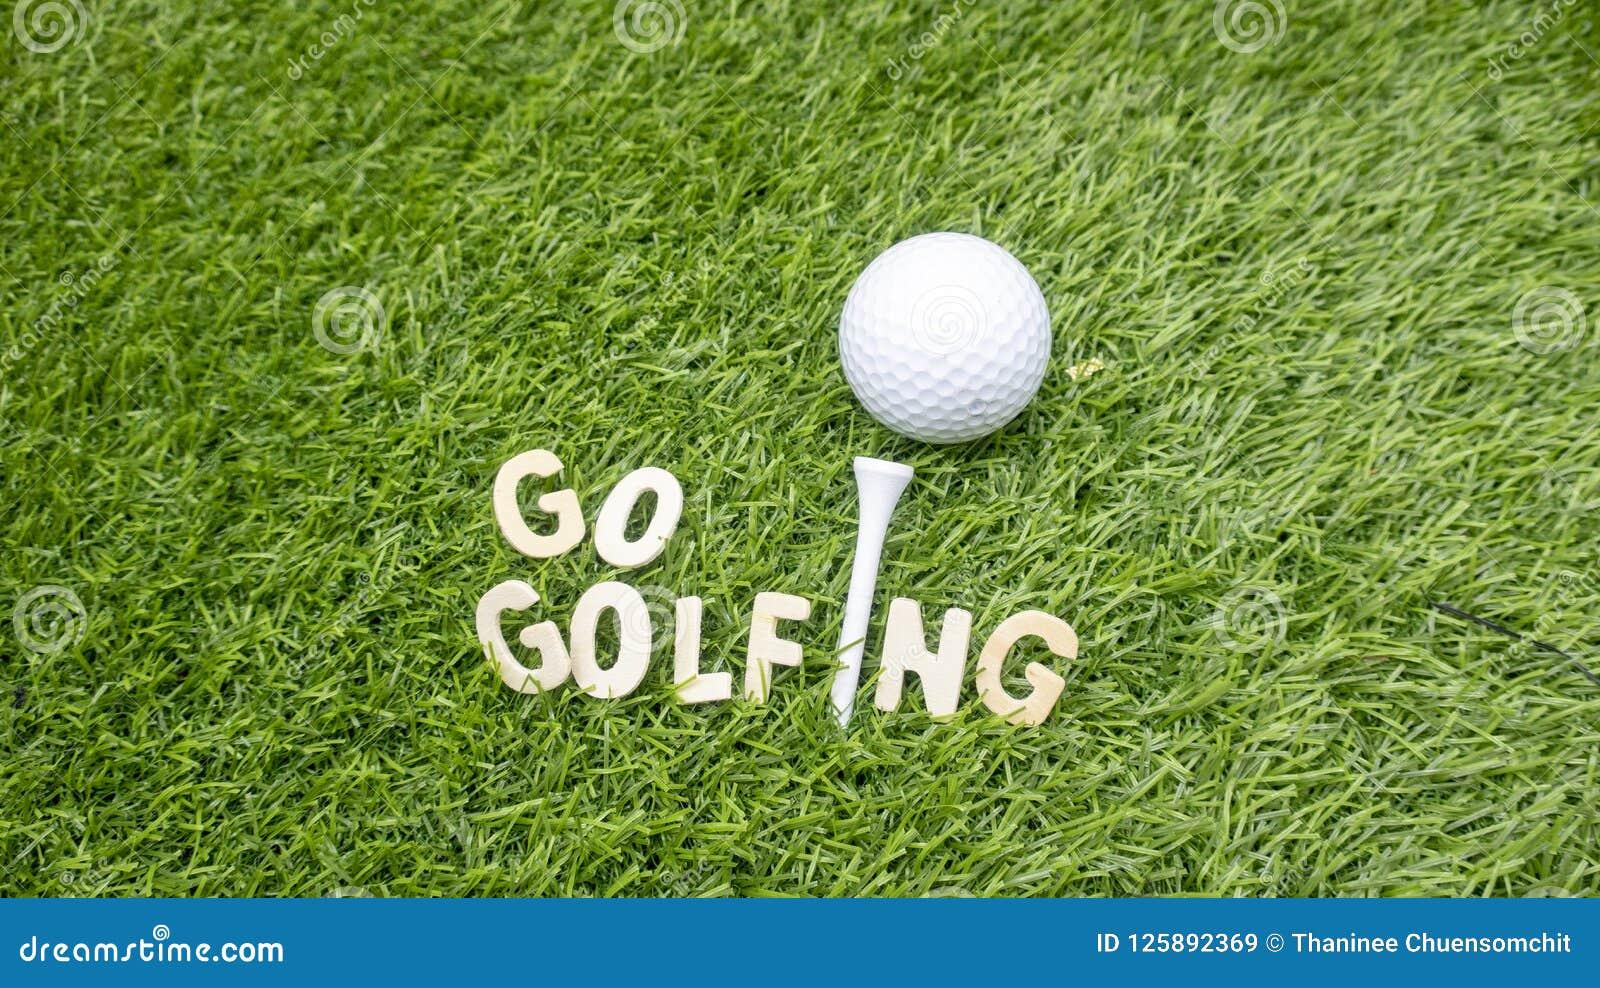 Går golfspelet med golfboll på grönt gräs